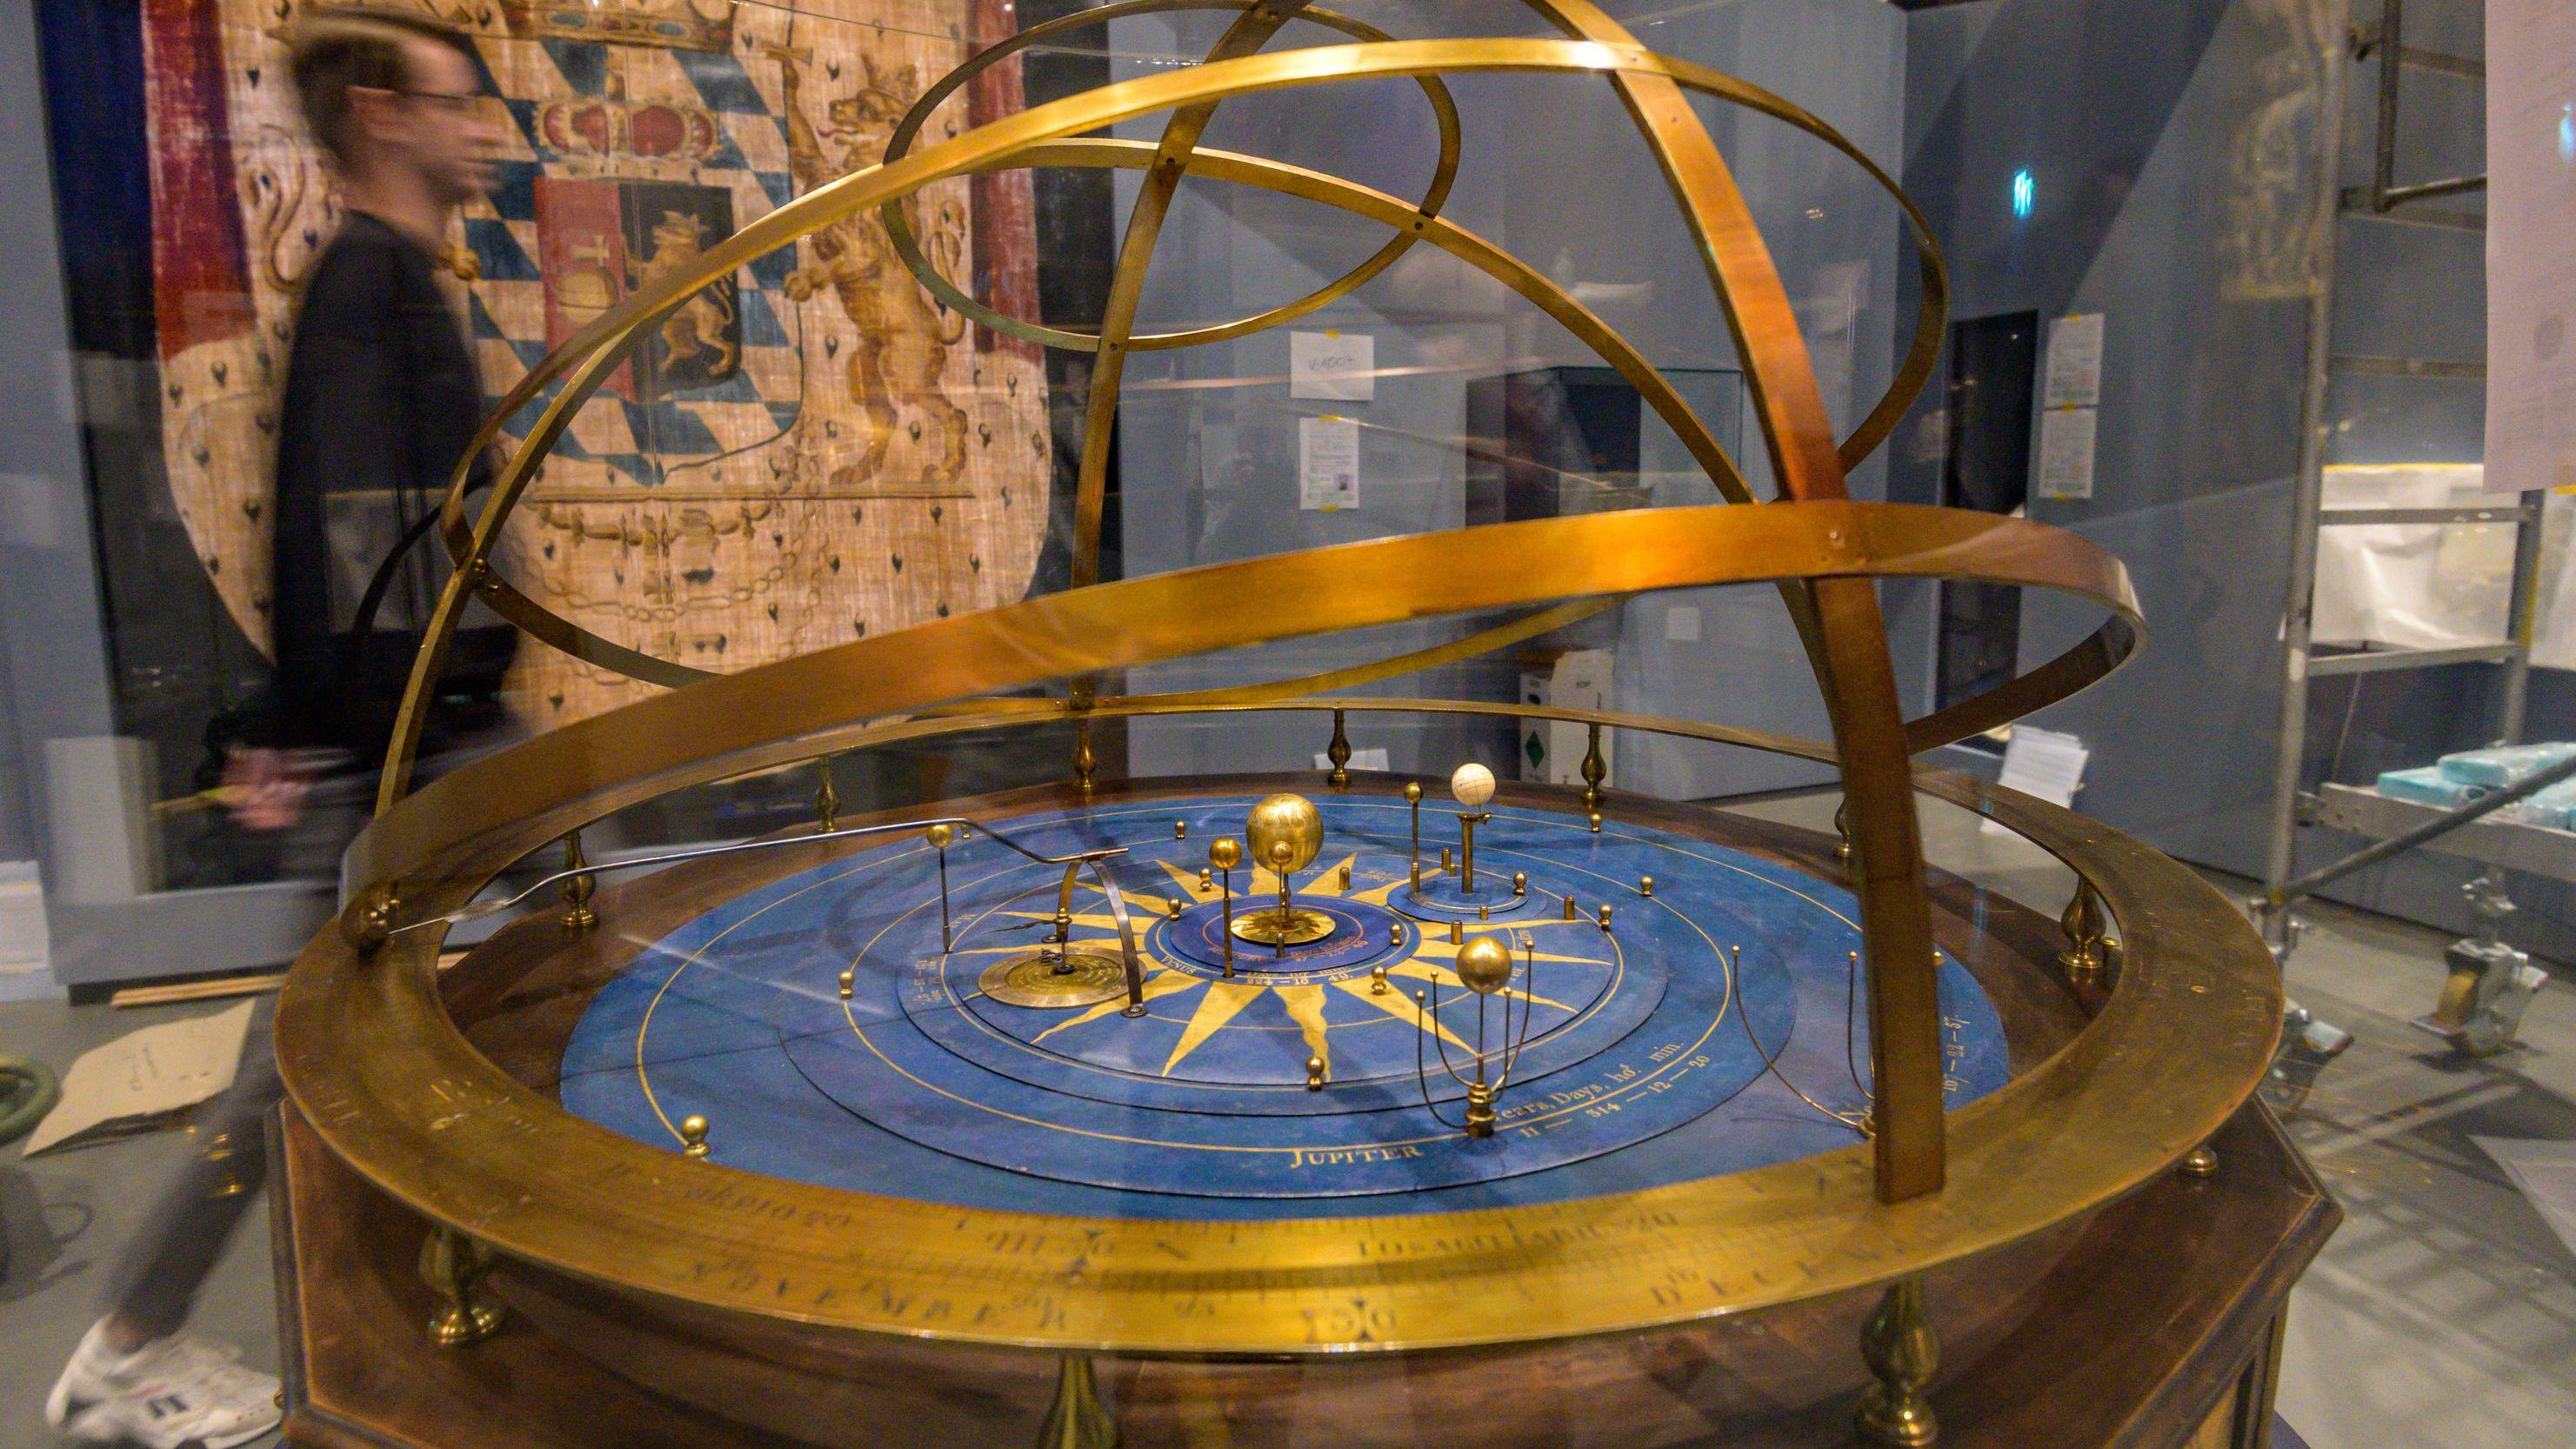 Das Planetarium von George Adams für den bayerischen Kurfürsten Karl Theodor aus der Zeit um 1755 steht in der Bayerischen Landesausstellung 2019/20.